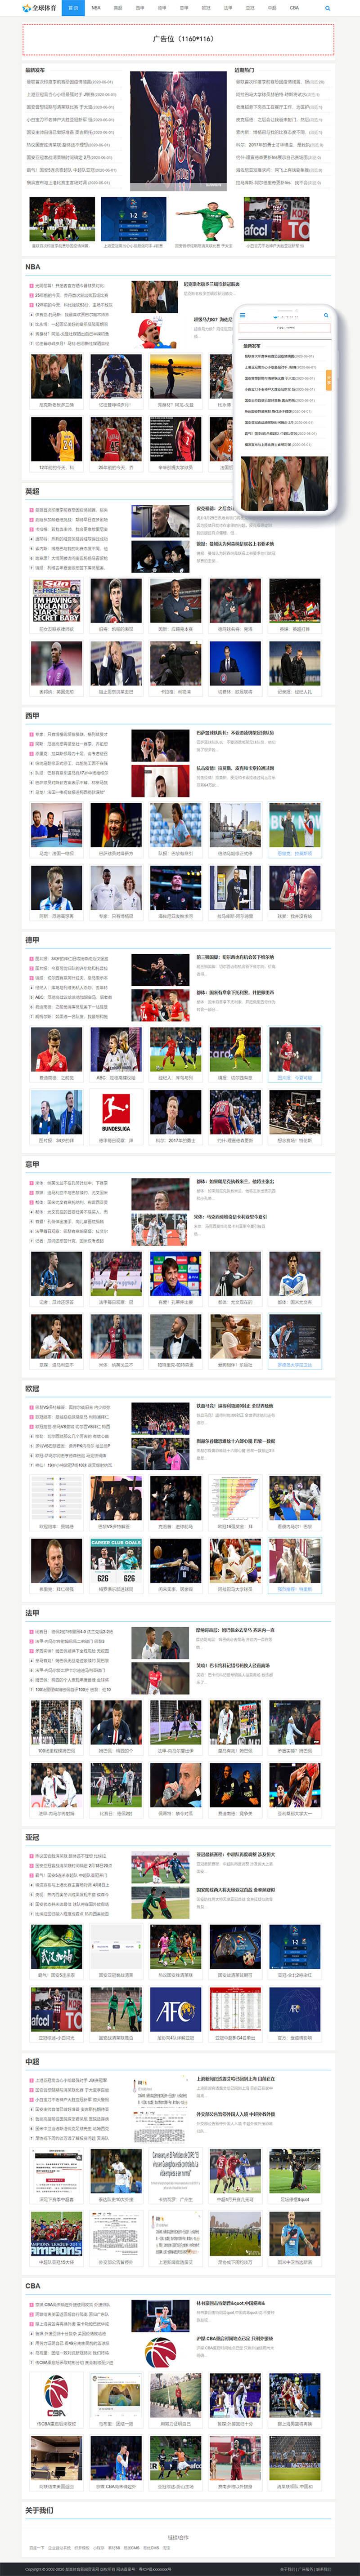 dedecms模板下载 响应式体育新闻资讯类网站织梦模板(自适应手机端)